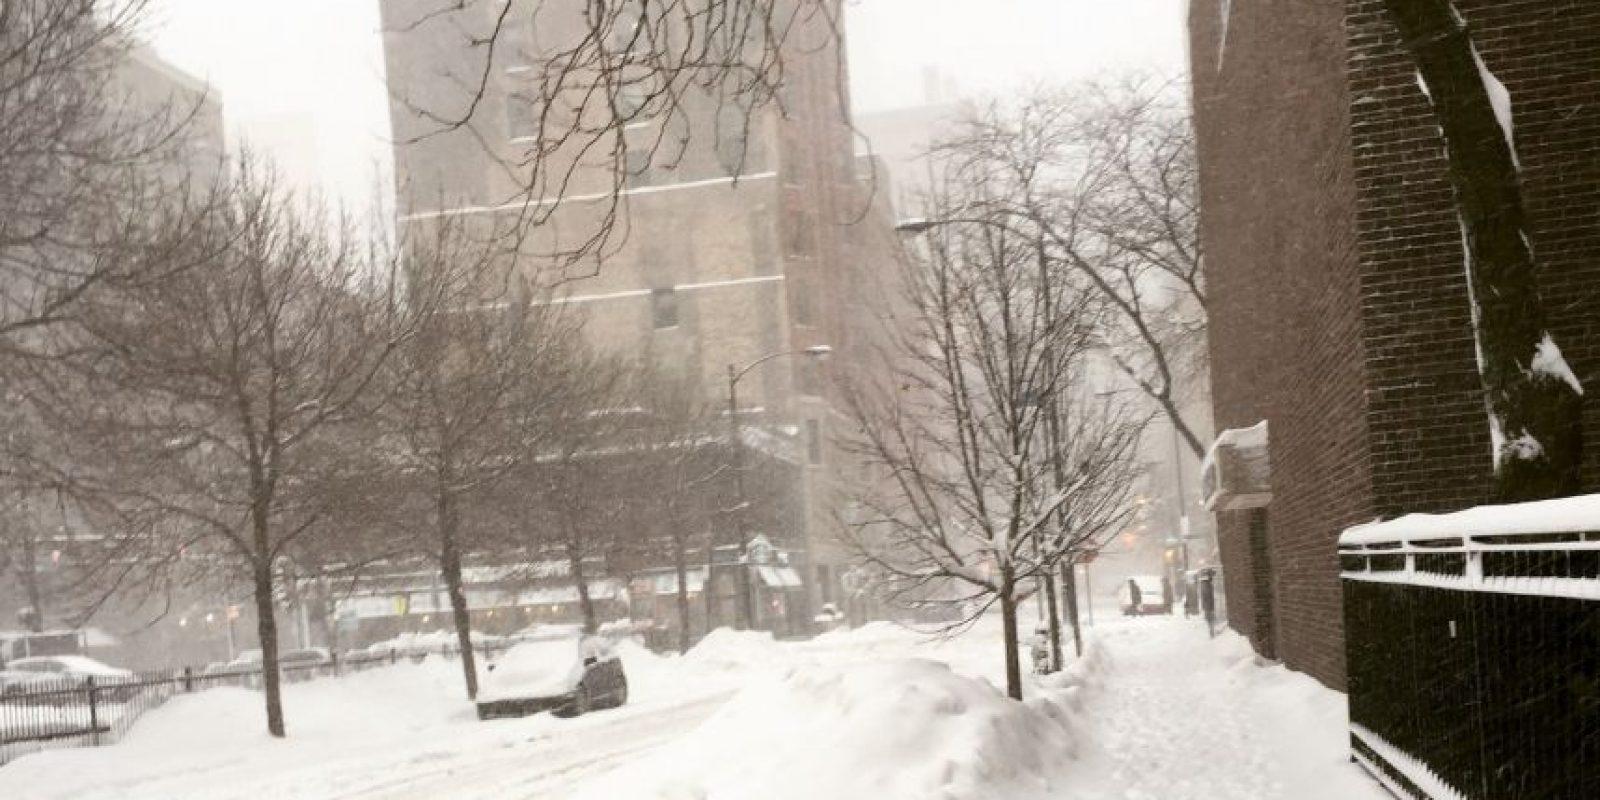 Muchos se quedaron en casa tras la fuerte tormenta invernal. Foto:Publimetro